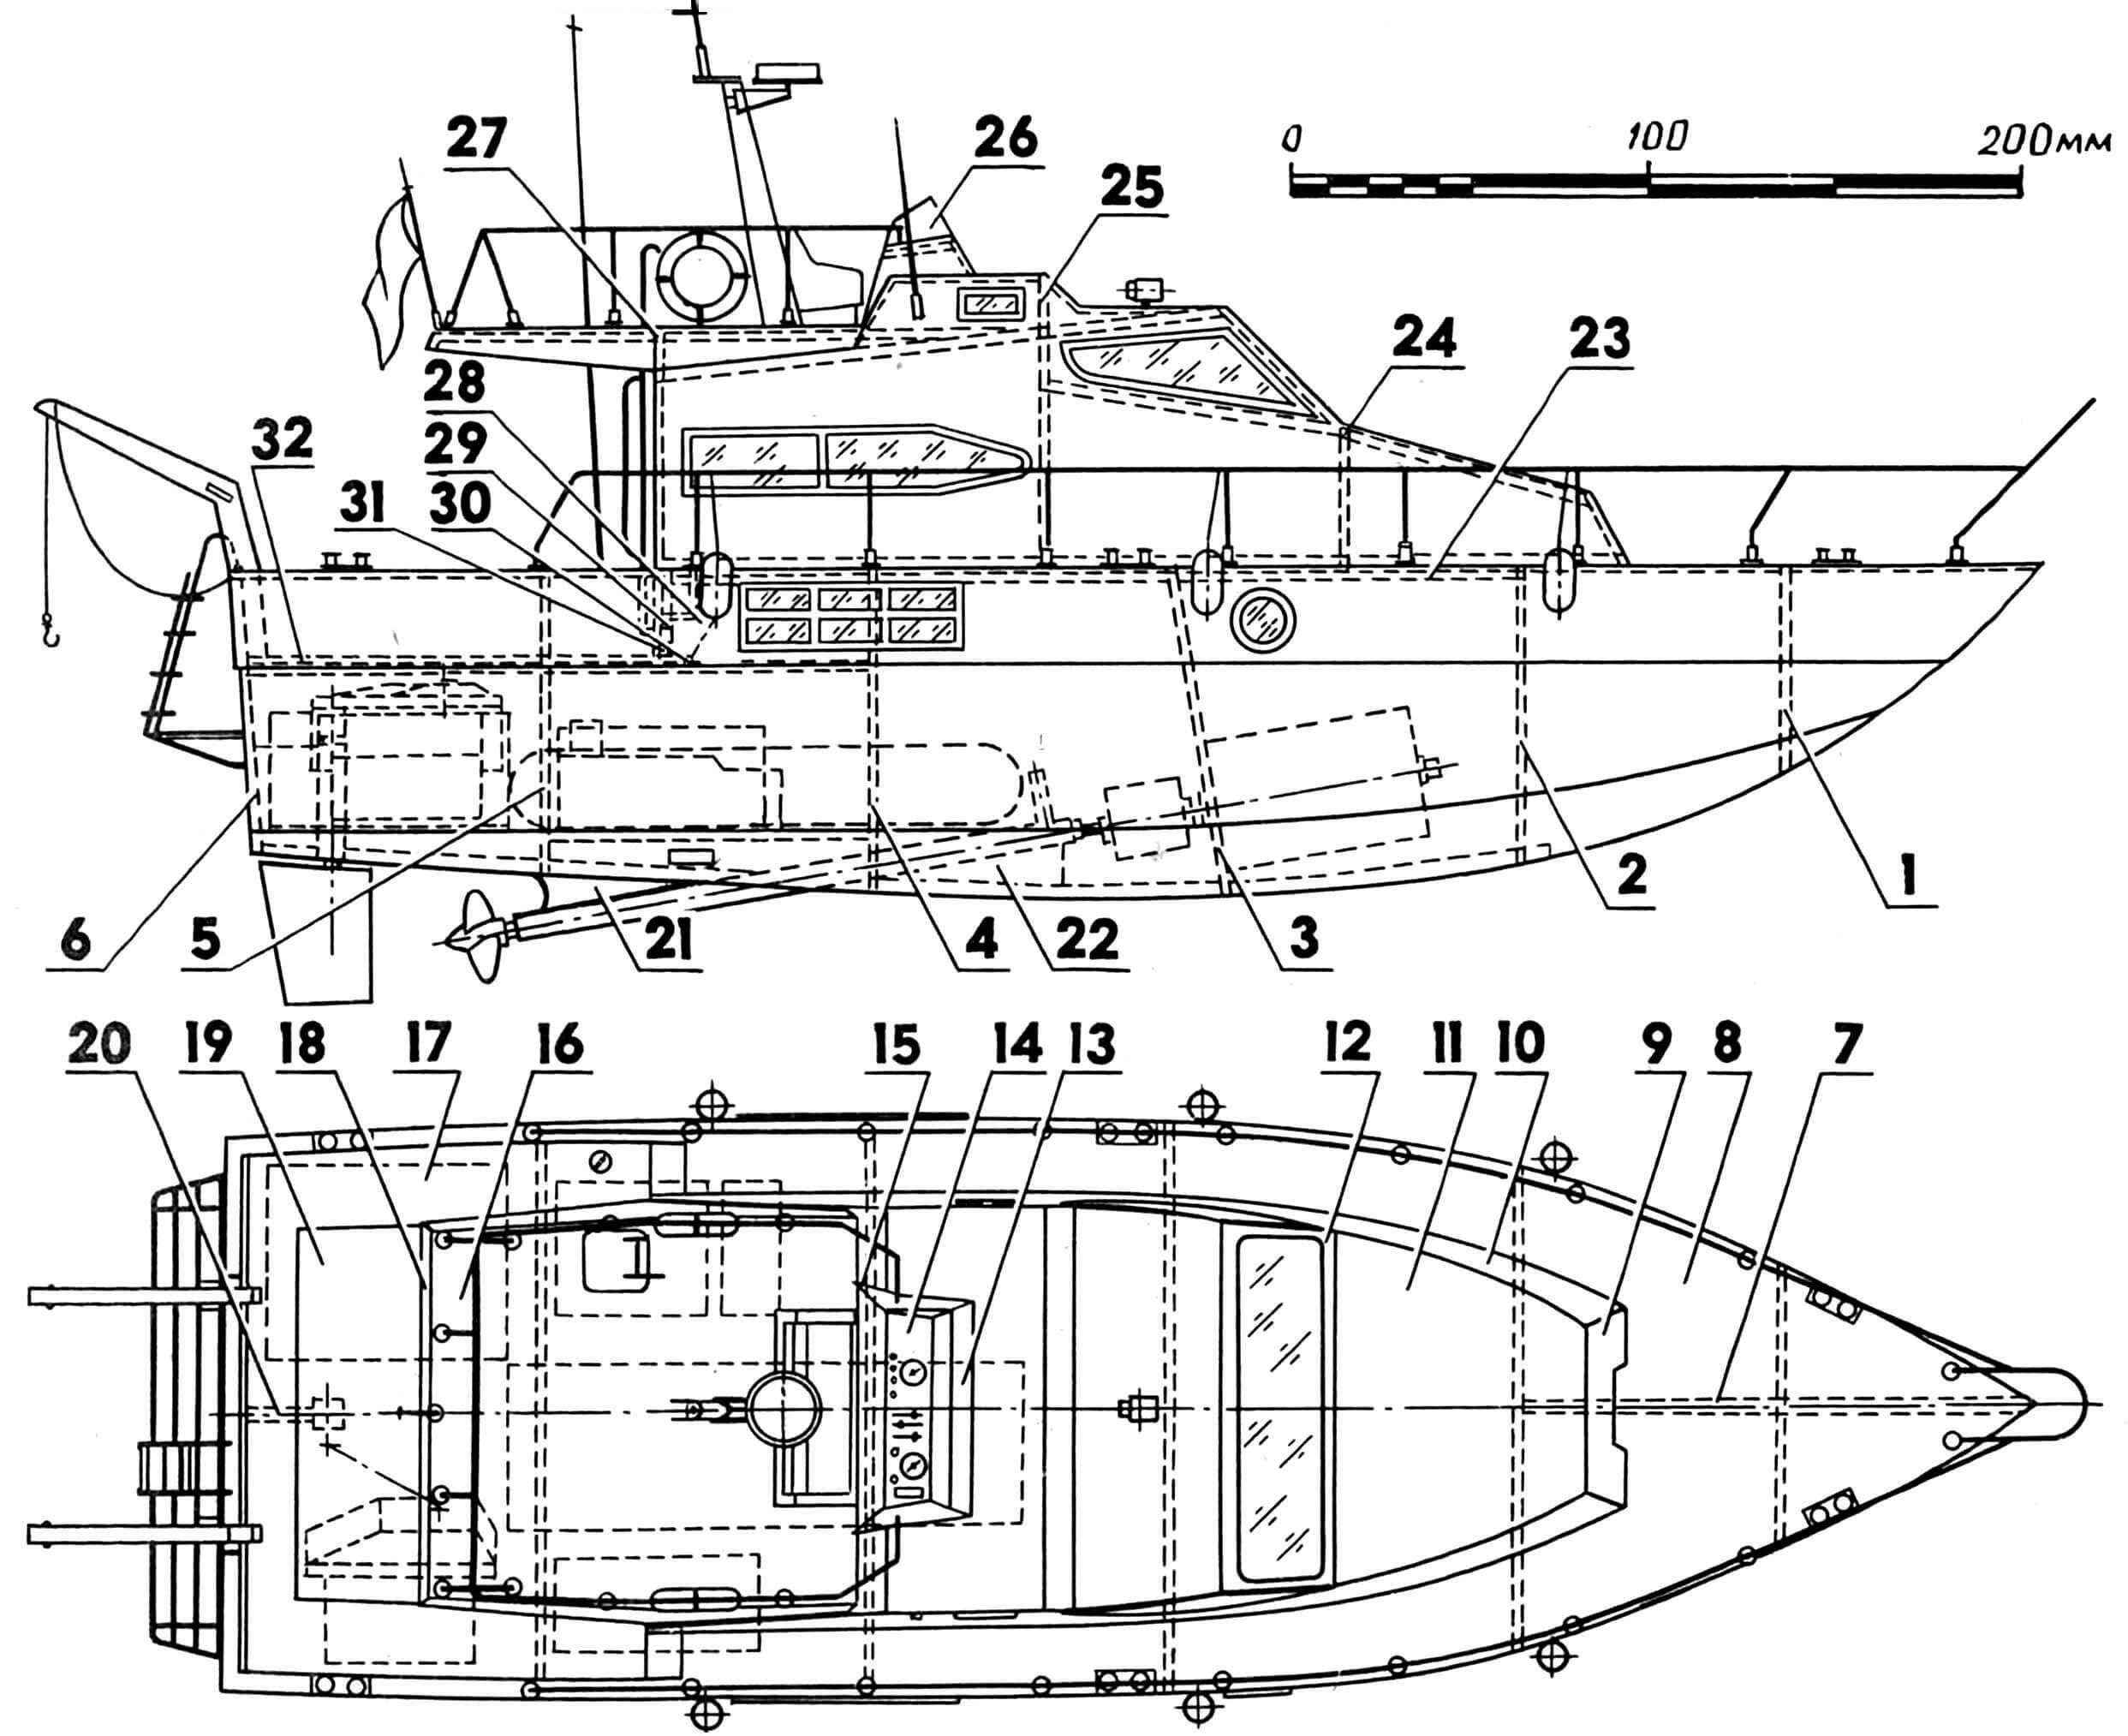 Полукопия морского прогулочного катера «Джерси»: 1 — носовой шпангоут (фанера толщиной 3 мм), 2—5 — промежуточные шпангоуты (фанера толщиной 3 мм), 6 — транец (фанера толщиной 4 мм), 7 — вставка носовой оконечности (фанера толщиной 3 мм), 8 — палуба (фанера толщиной 1,5 мм), 9 — передняя стенка надстройки (фанера толщиной 3 мм), 10 — стенка надстройки (тонкий плотный картон), 11 — передняя крыша надстройки (фанера толщиной 1,5 мм), 12 — рама переднего окна надстройки (фанера толщиной 3 мм), 13 — передняя стенка ограждения мостика (тонкий плотный картон), 14 — приборная панель (фанера толщиной 1,5 мм), 15 — боковая стенка ограждения мостика (тонкий плотный картон), 16 — мостик (фанера толщиной 1,5 мм), 17 — задняя часть палубной обшивки (фанера толщиной 1,5 мм), 18 — задний свес мостика (фанера толщиной 1,5 мм), 19 — люк доступа к аппаратуре и мотоустановке (фанера толщиной 1,5 мм), 20 — кронштейн колодца баллера руля (фанера толщиной 3 мм), 21 — косынка дейдвуда (фанера толщиной 1.5 мм), 22 — внутренняя косынка дейдвуда (фанера толщиной 3 мм), 23 — стрингер корпуса (сосновая рейка сечением 3x3 мм), 24—25 — переборки надстройки (фанера толщиной 3 мм), 26 — остекление мостика (целлулоид толщиной до 1 мм), 27 — задняя стенка надстройки (фанера толщиной 3 мм), 28 — косынка (фанера толщиной 1,5 мм), 29 — планка «замка» (рейка сечением 3x3 мм), 30 — накладной стрингер (сосновая рейка сечением 2x5 мм), 31 — внутренний стрингер (сосновая рейка сечением 4x3 мм), 32 — обрамление (сосновая рейка сечением 2x5 мм).